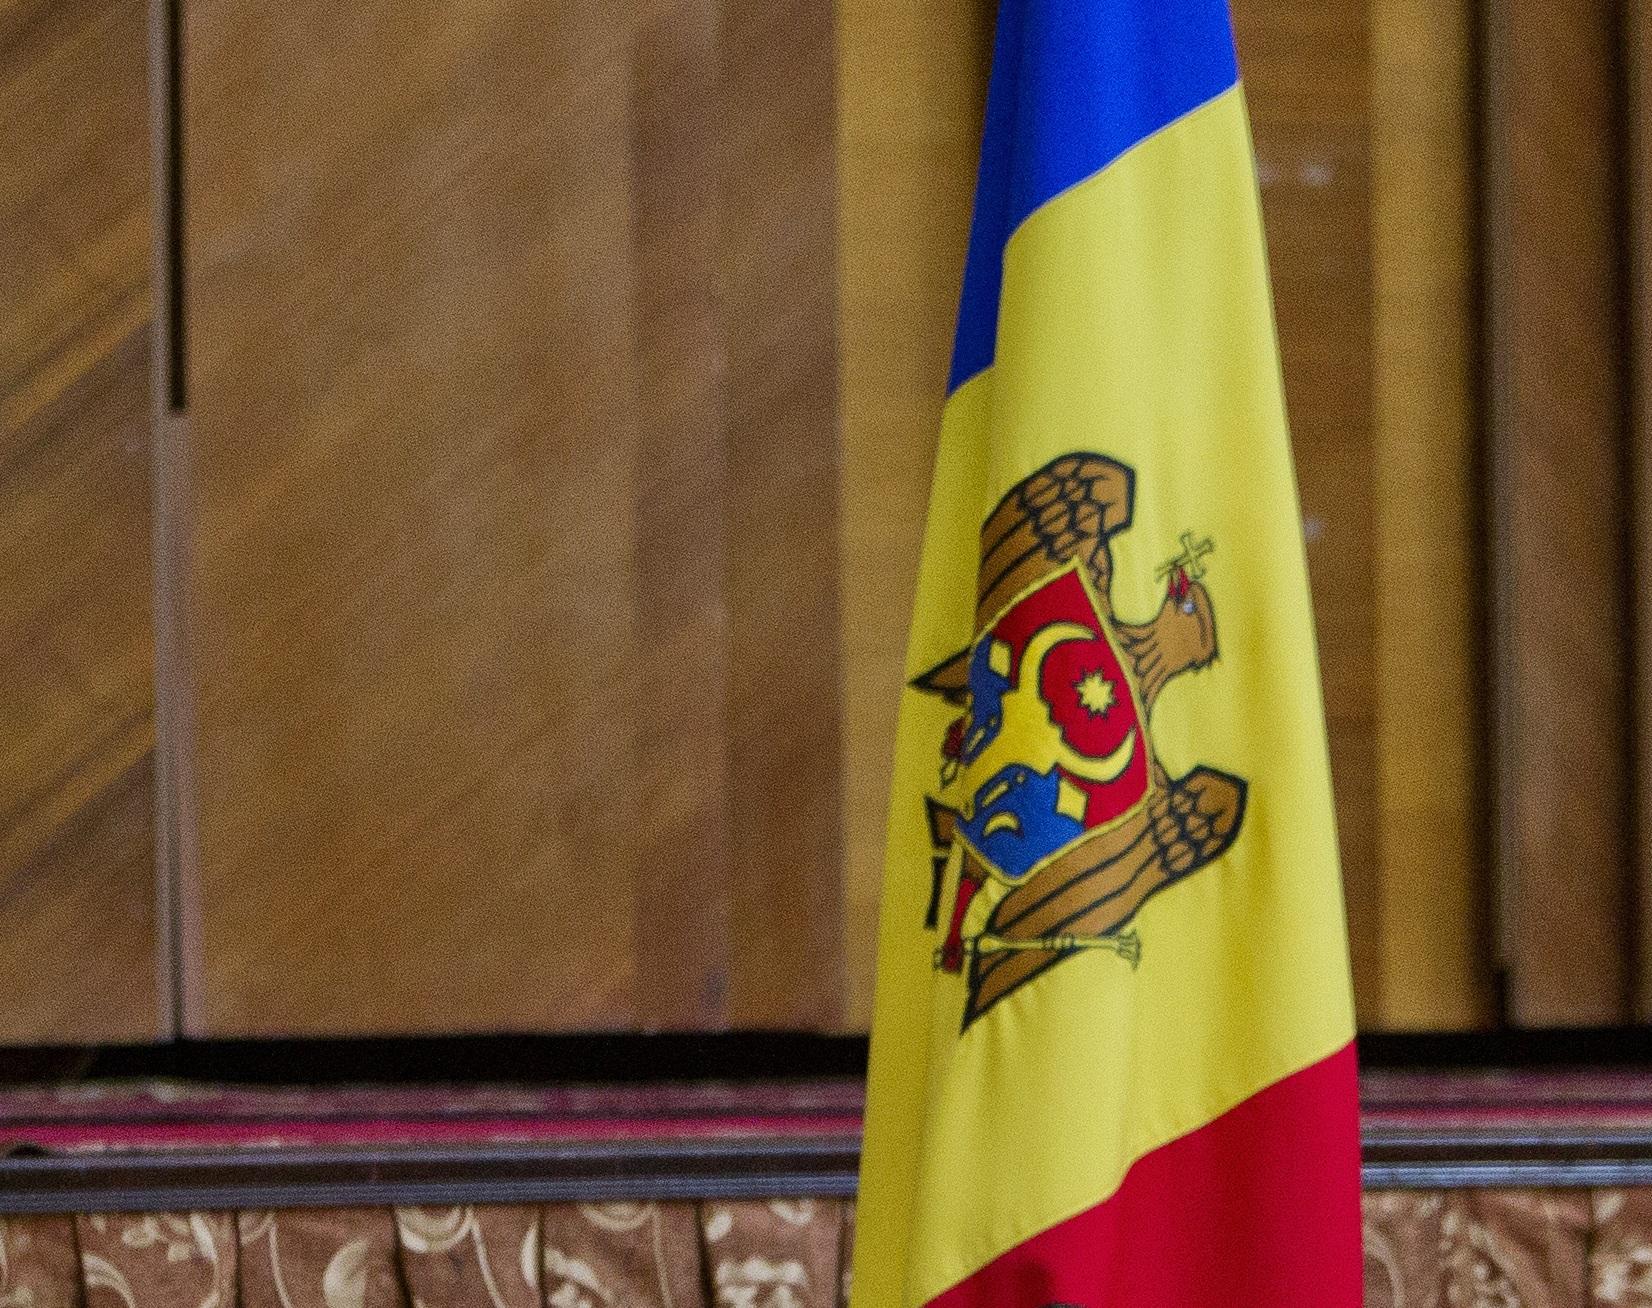 Topul celor mai mari antreprenori din Republica Moldova. Conferinţa Republica Moldova – România. Investiţii, comerţ, finanţare: Pentru prima dată, Ziarul Financiar merge la Chişinău împreună cu Banca Transilvania pentru a găsi cele mai bune idei pentru dezvoltarea investiţiilor şi a antreprenoriatului între România şi Republica Moldova. Cine vine alături de noi?